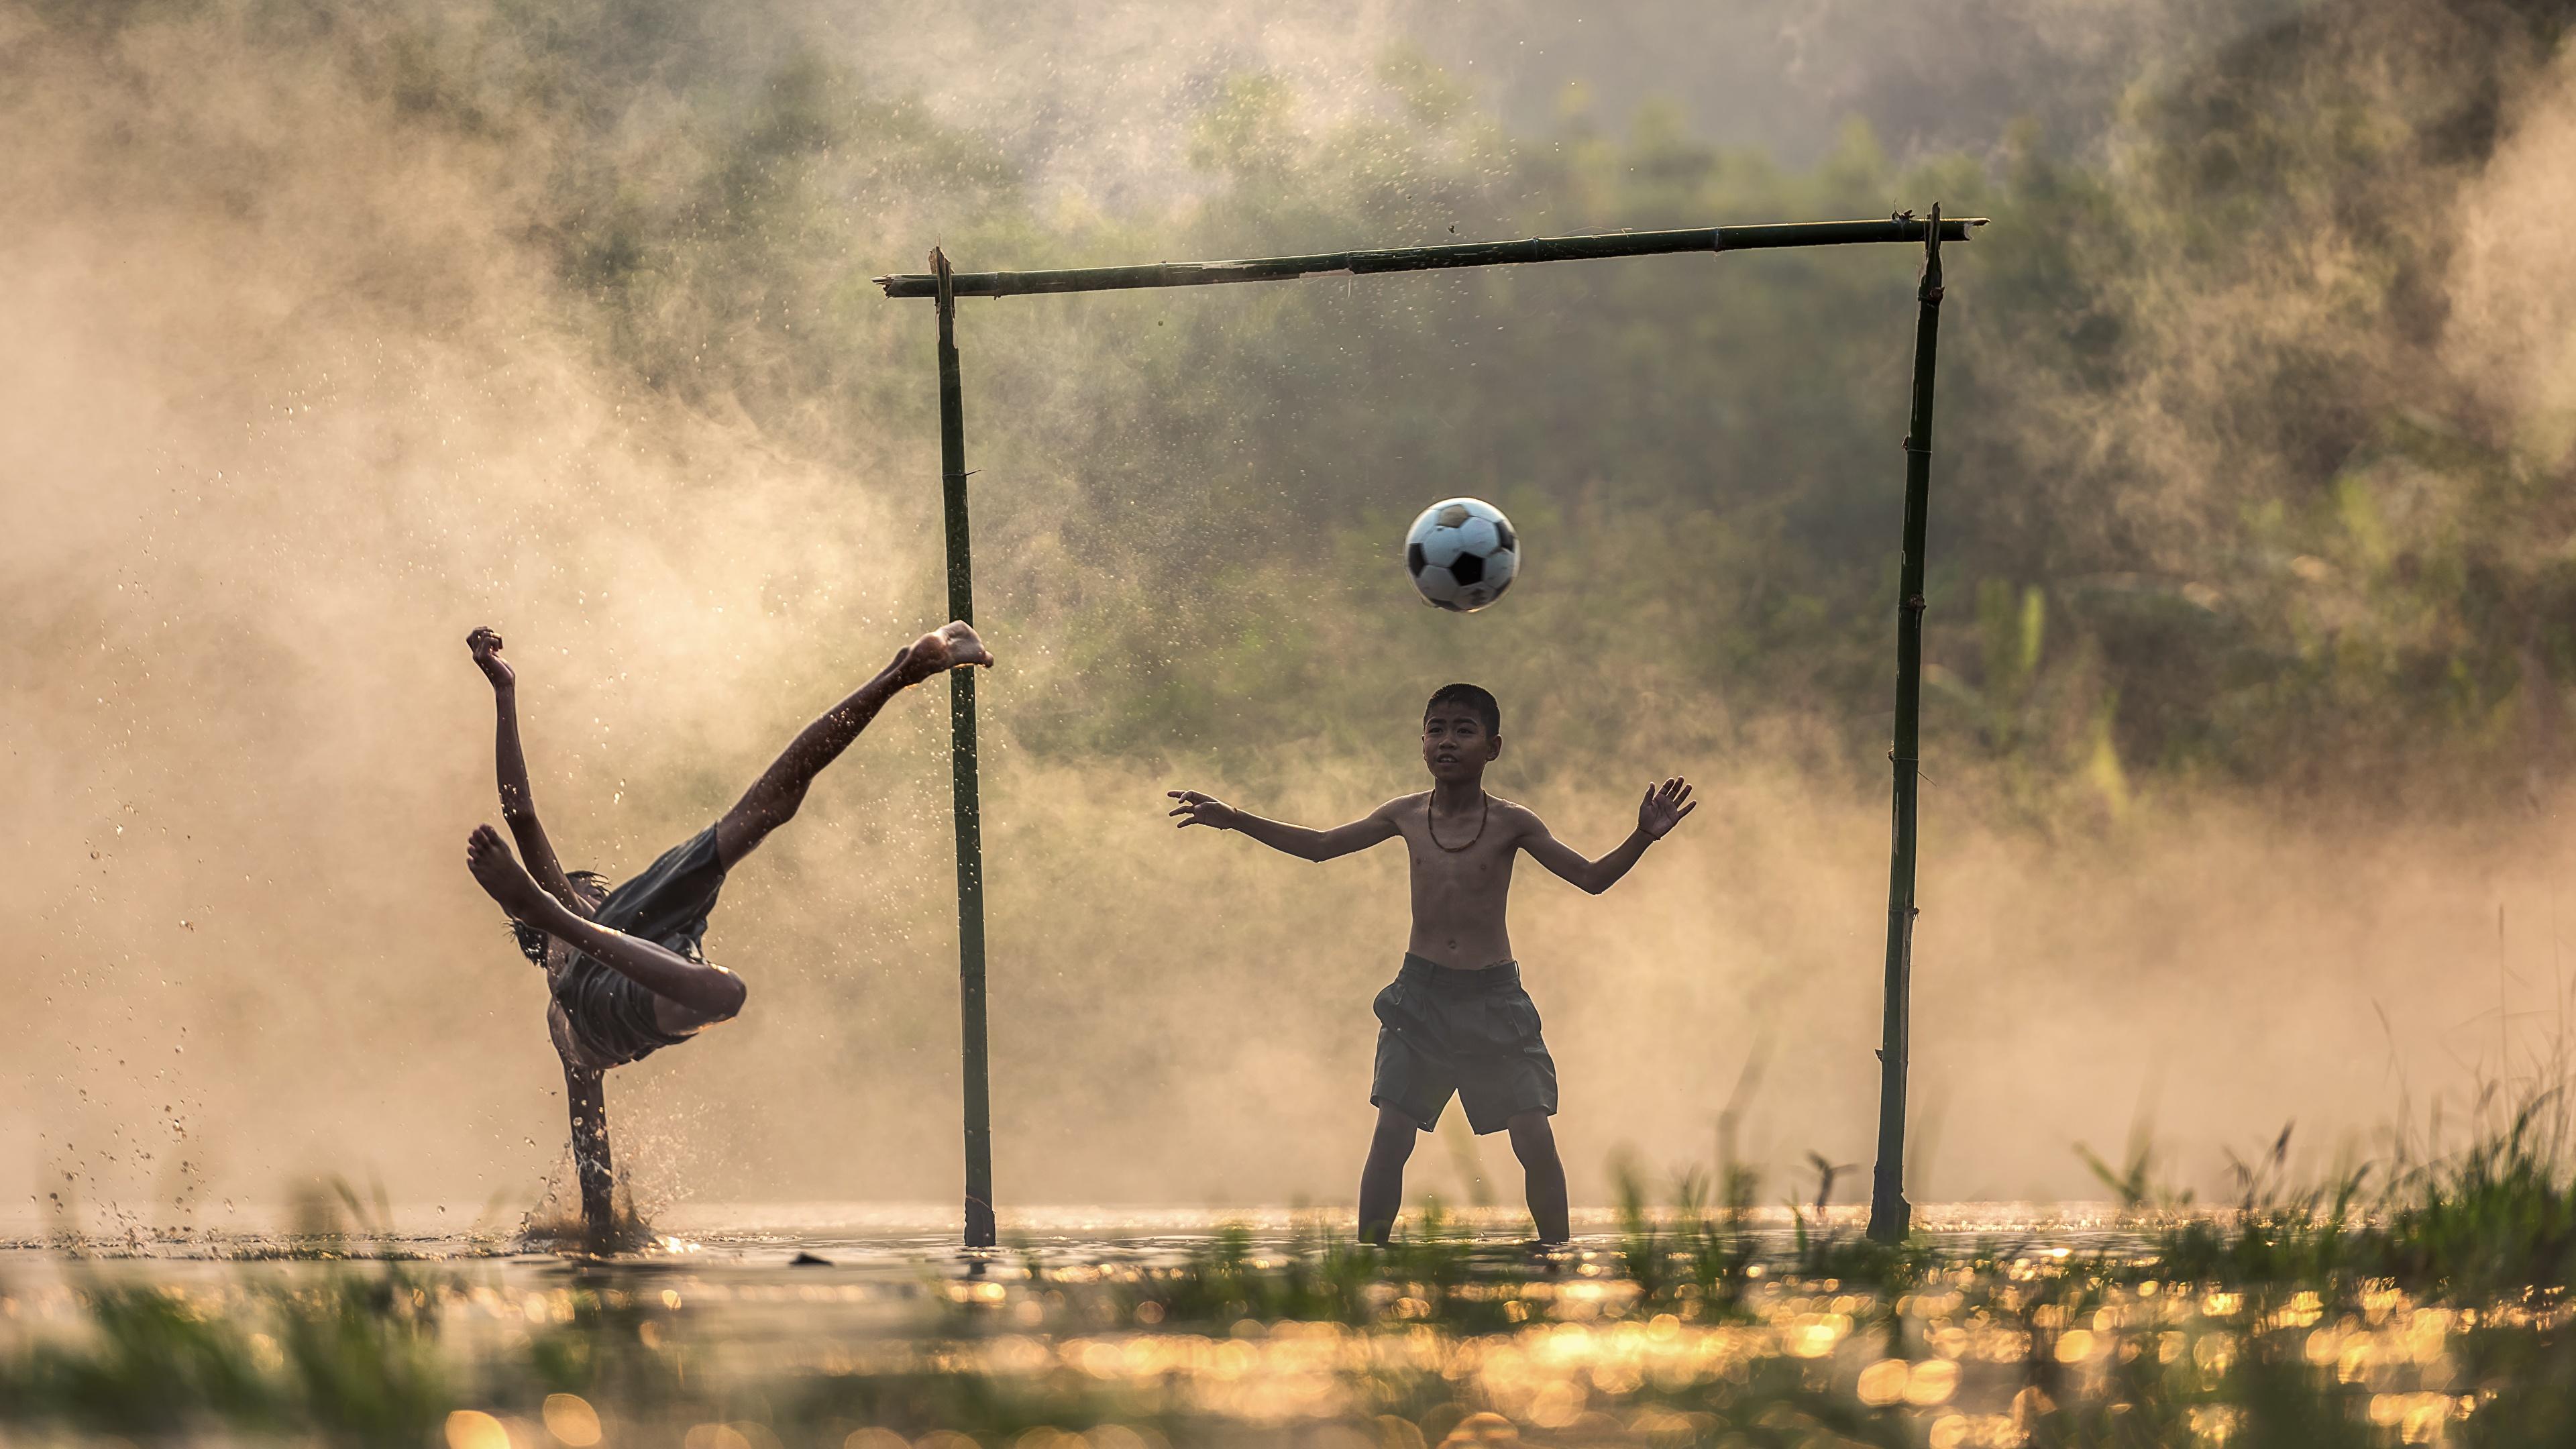 Картинка мальчишка Дети тумане Вратарь в футболе две Футбол Азиаты Мяч 3840x2160 мальчик Мальчики мальчишки Туман тумана ребёнок 2 два Двое вдвоем азиатка азиатки Мячик